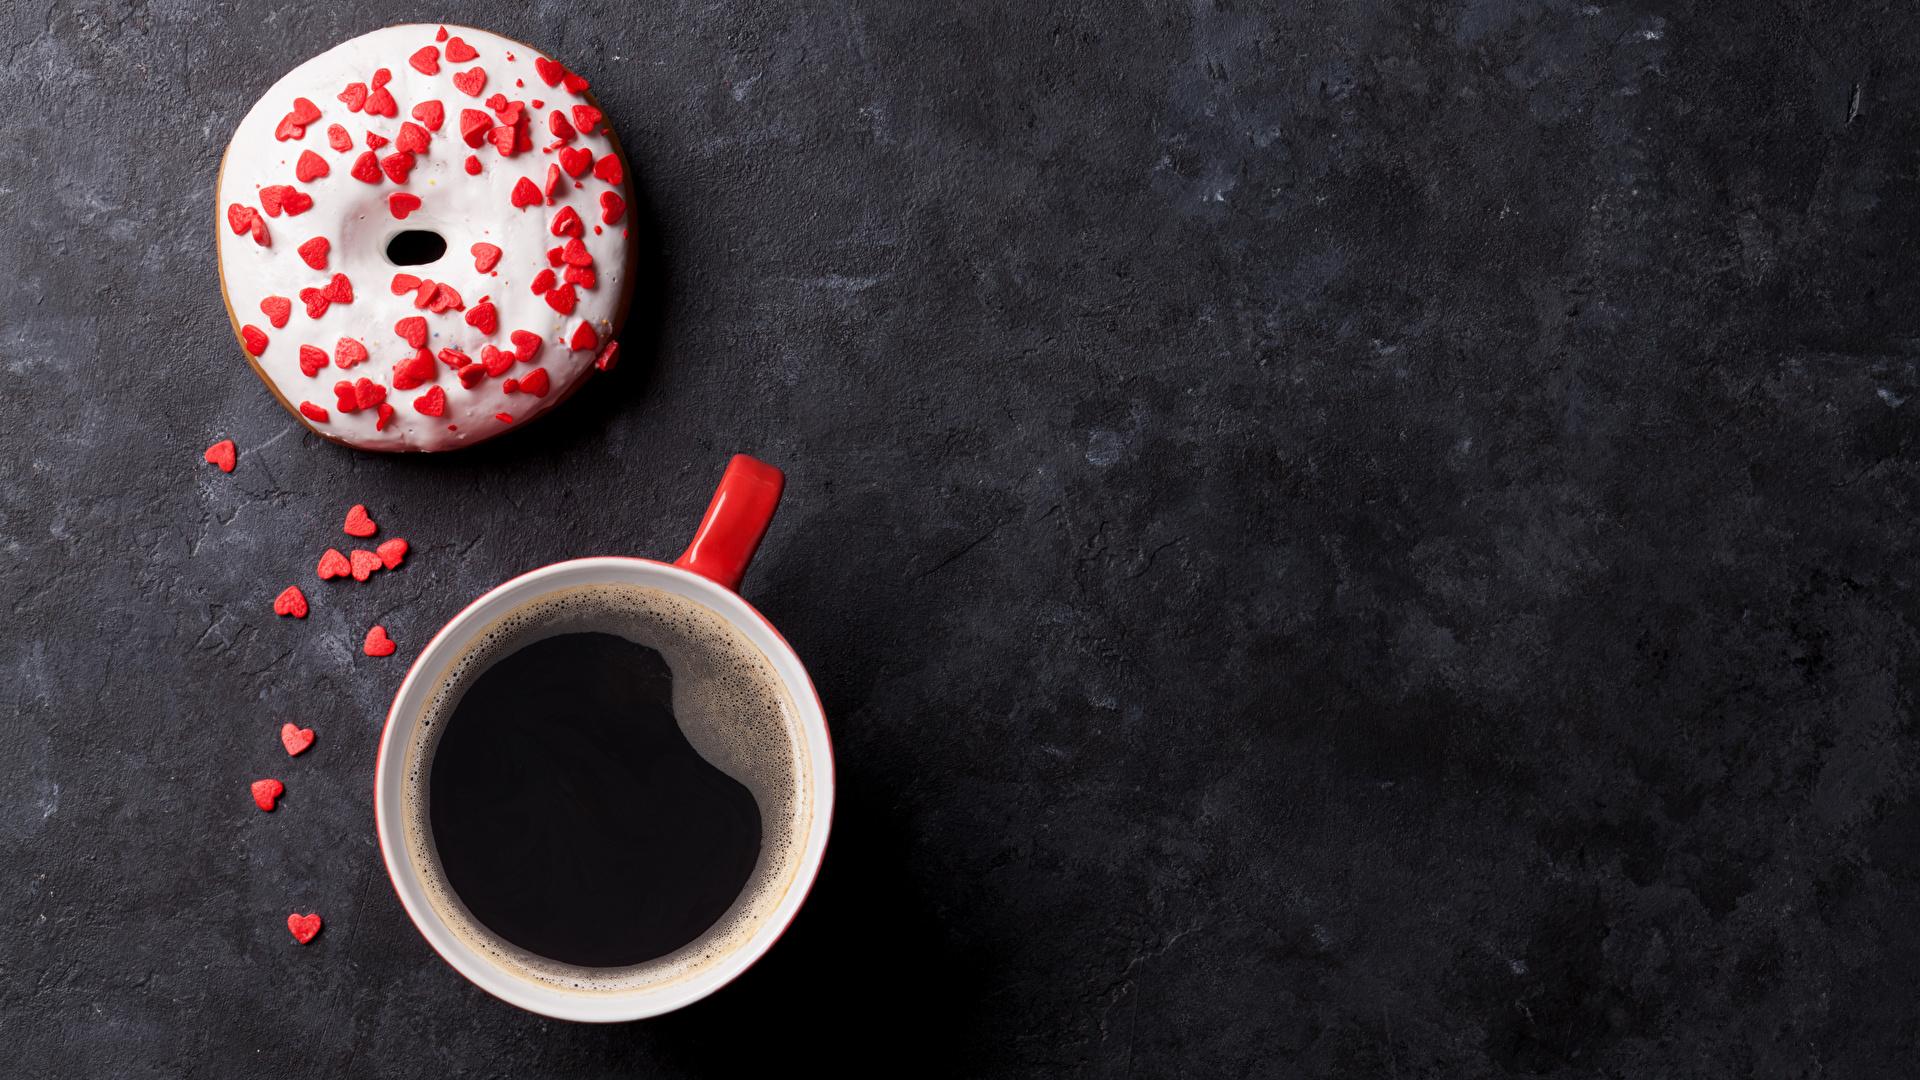 Обои для рабочего стола сердца Кофе Пончики Еда Чашка сладкая еда 1920x1080 серце Сердце сердечко Пища чашке Продукты питания Сладости